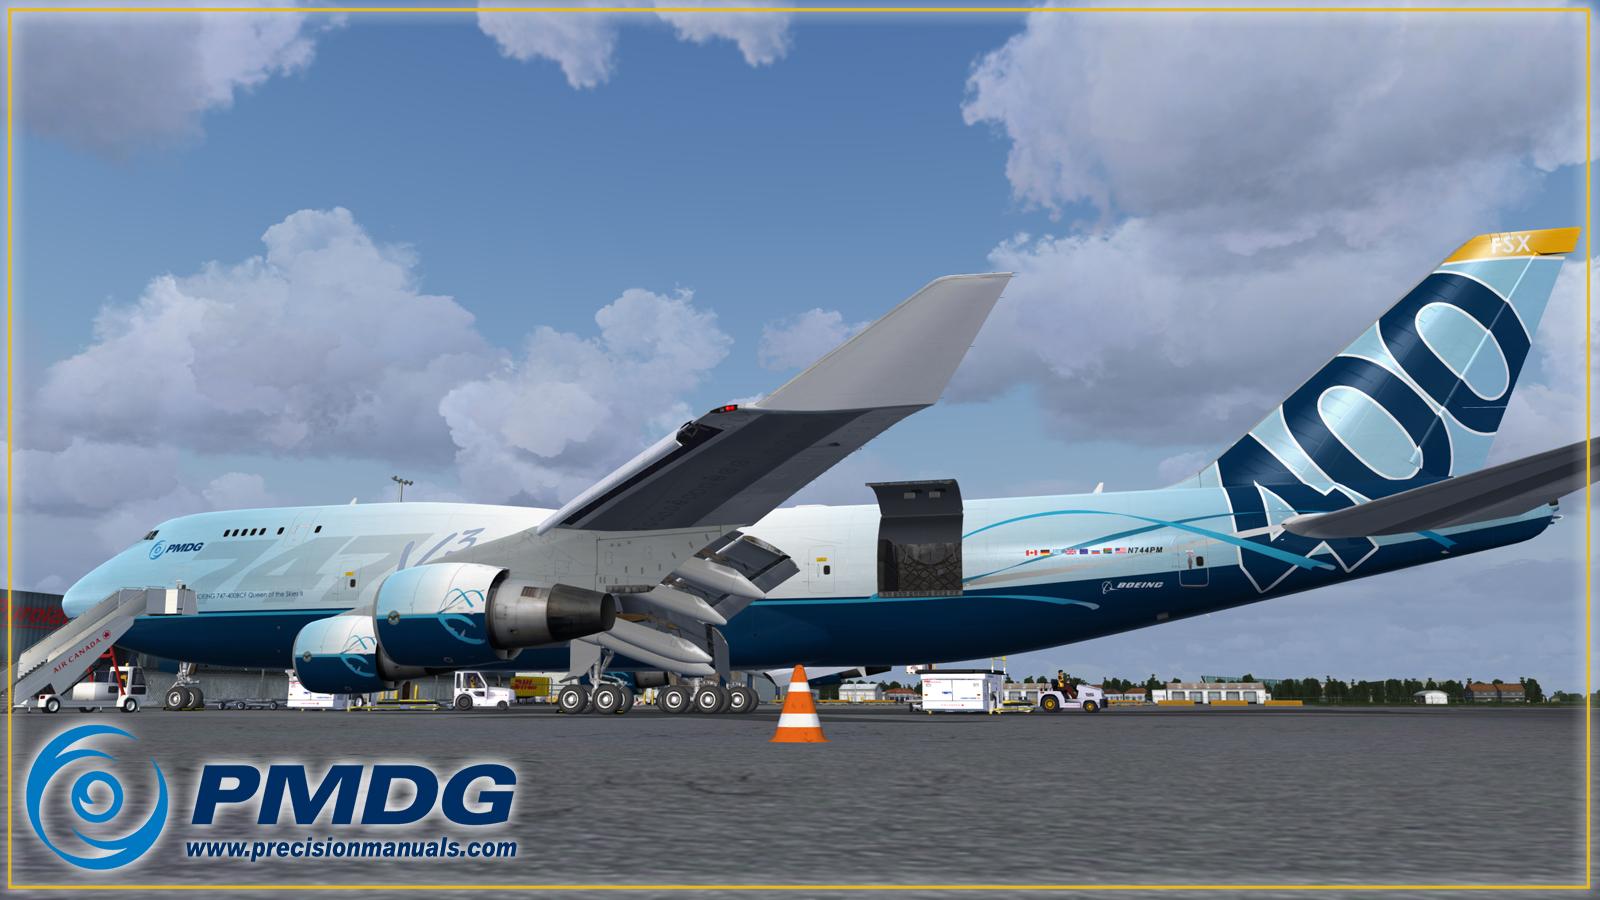 PMDG_744BCF_sideview.jpg